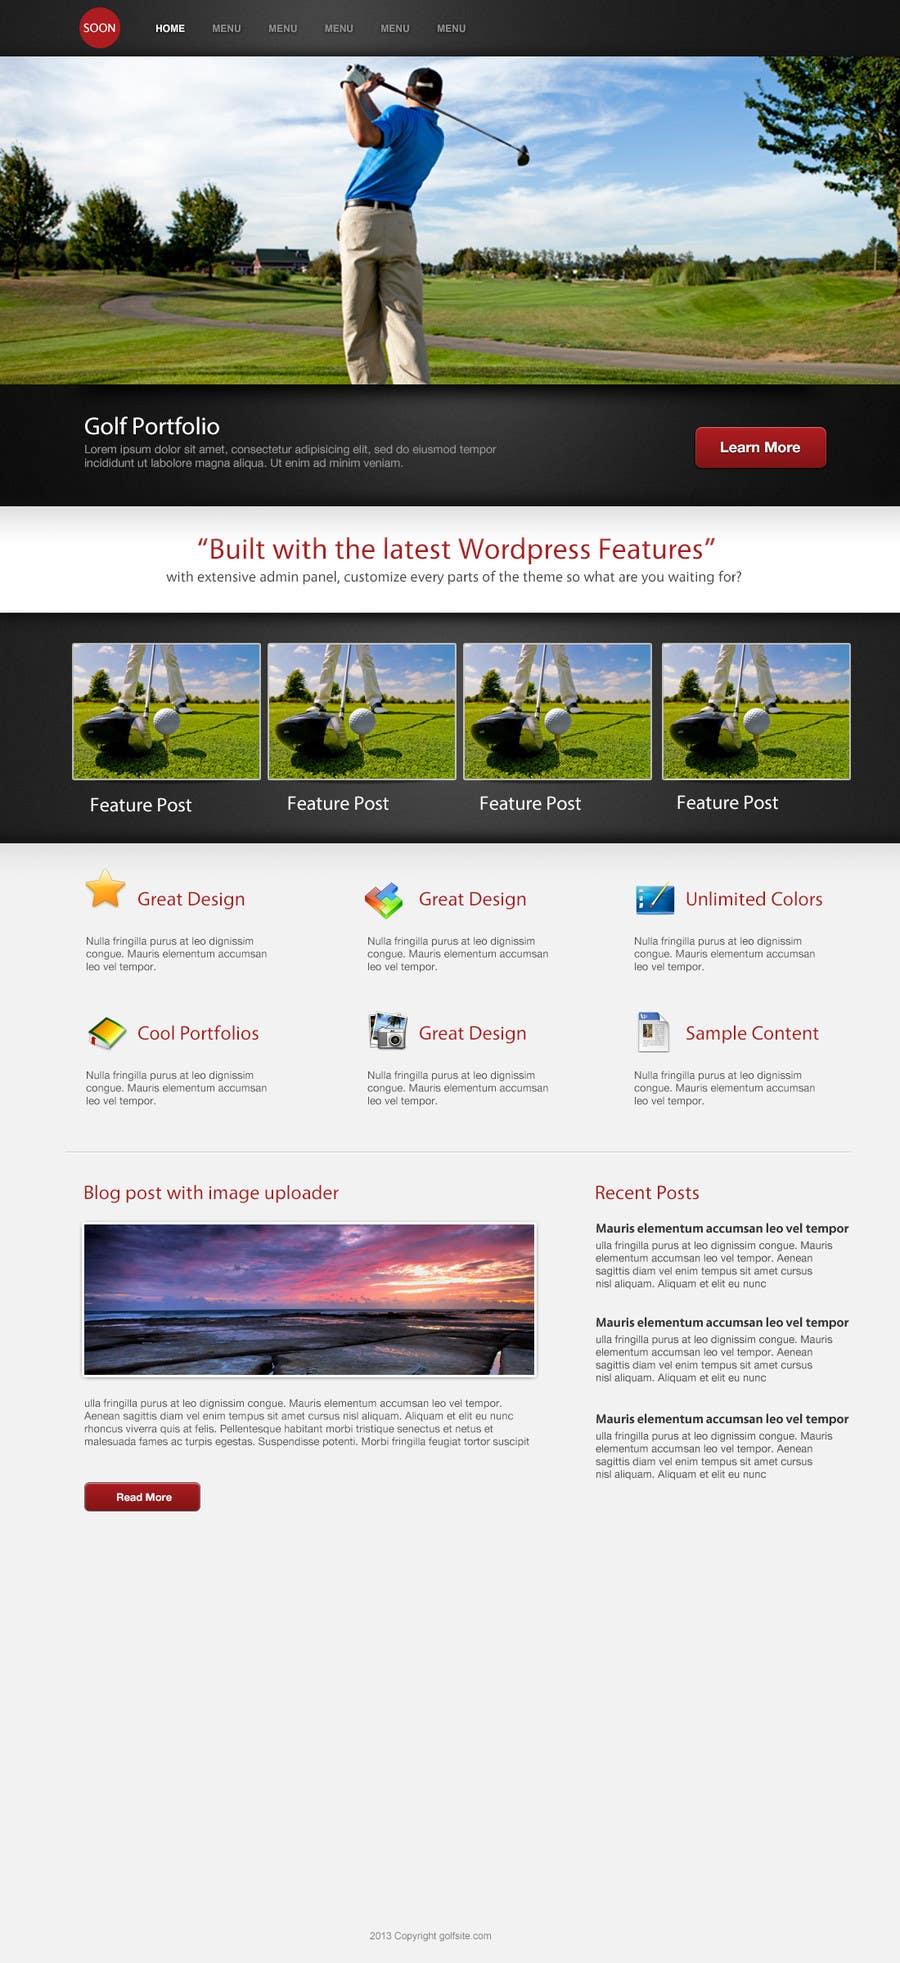 Penyertaan Peraduan #                                        6                                      untuk                                         Wordpress Theme Design for GB Golfer